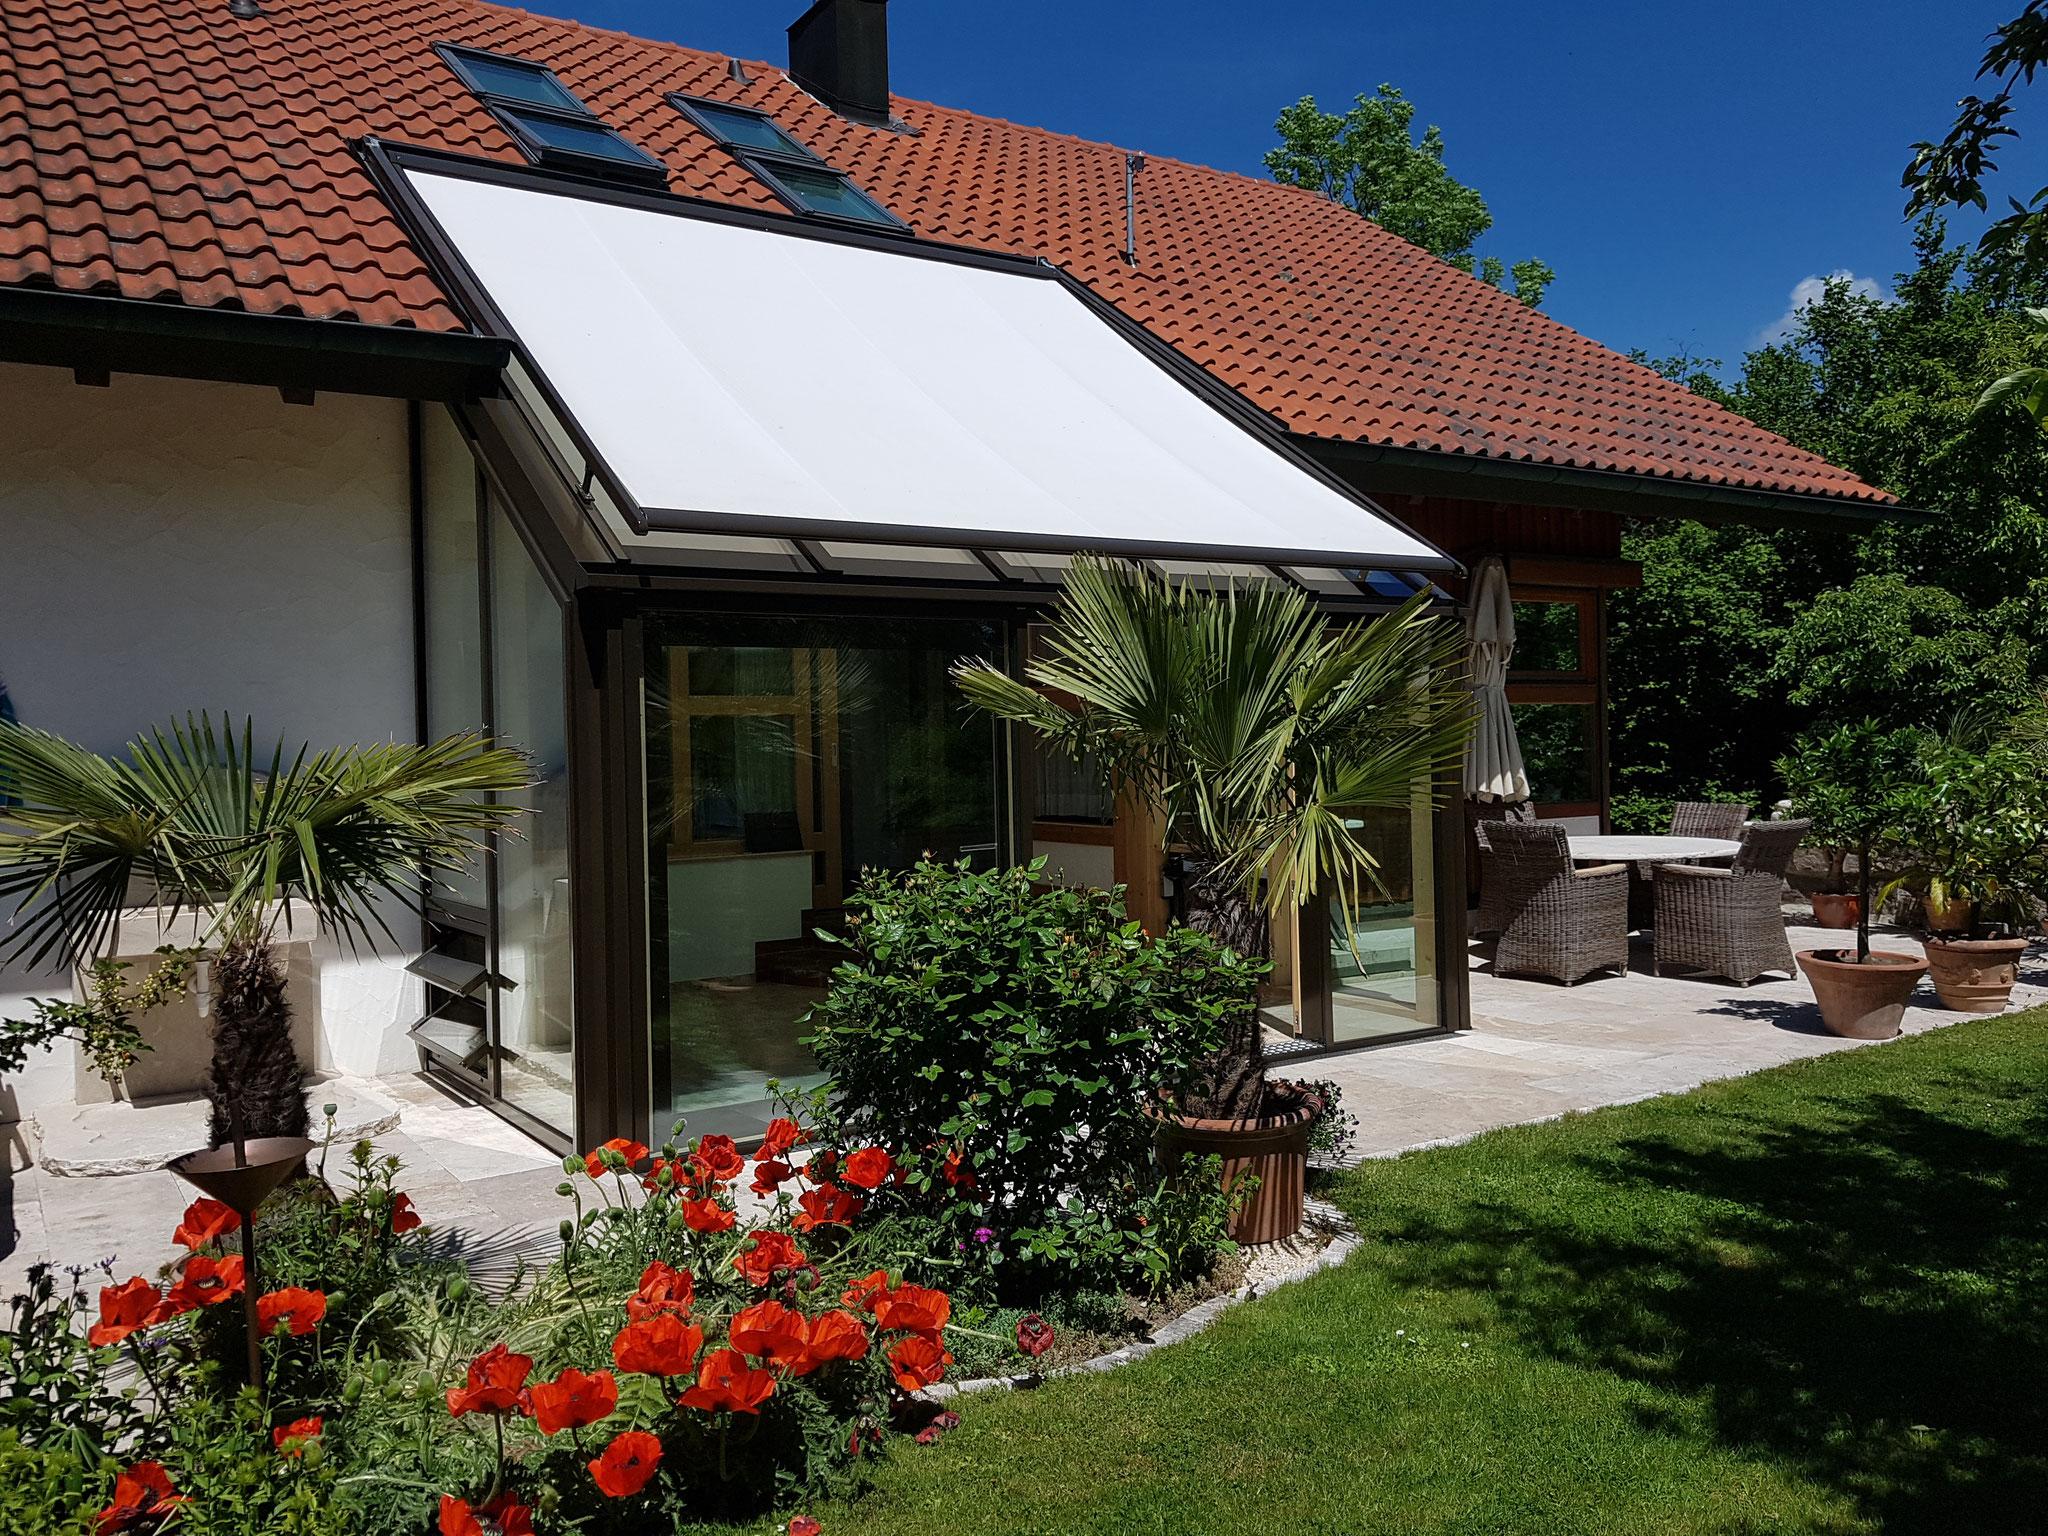 Sommerlicher Wärmeschutz durch elektrisch betriebene Dachmarkise